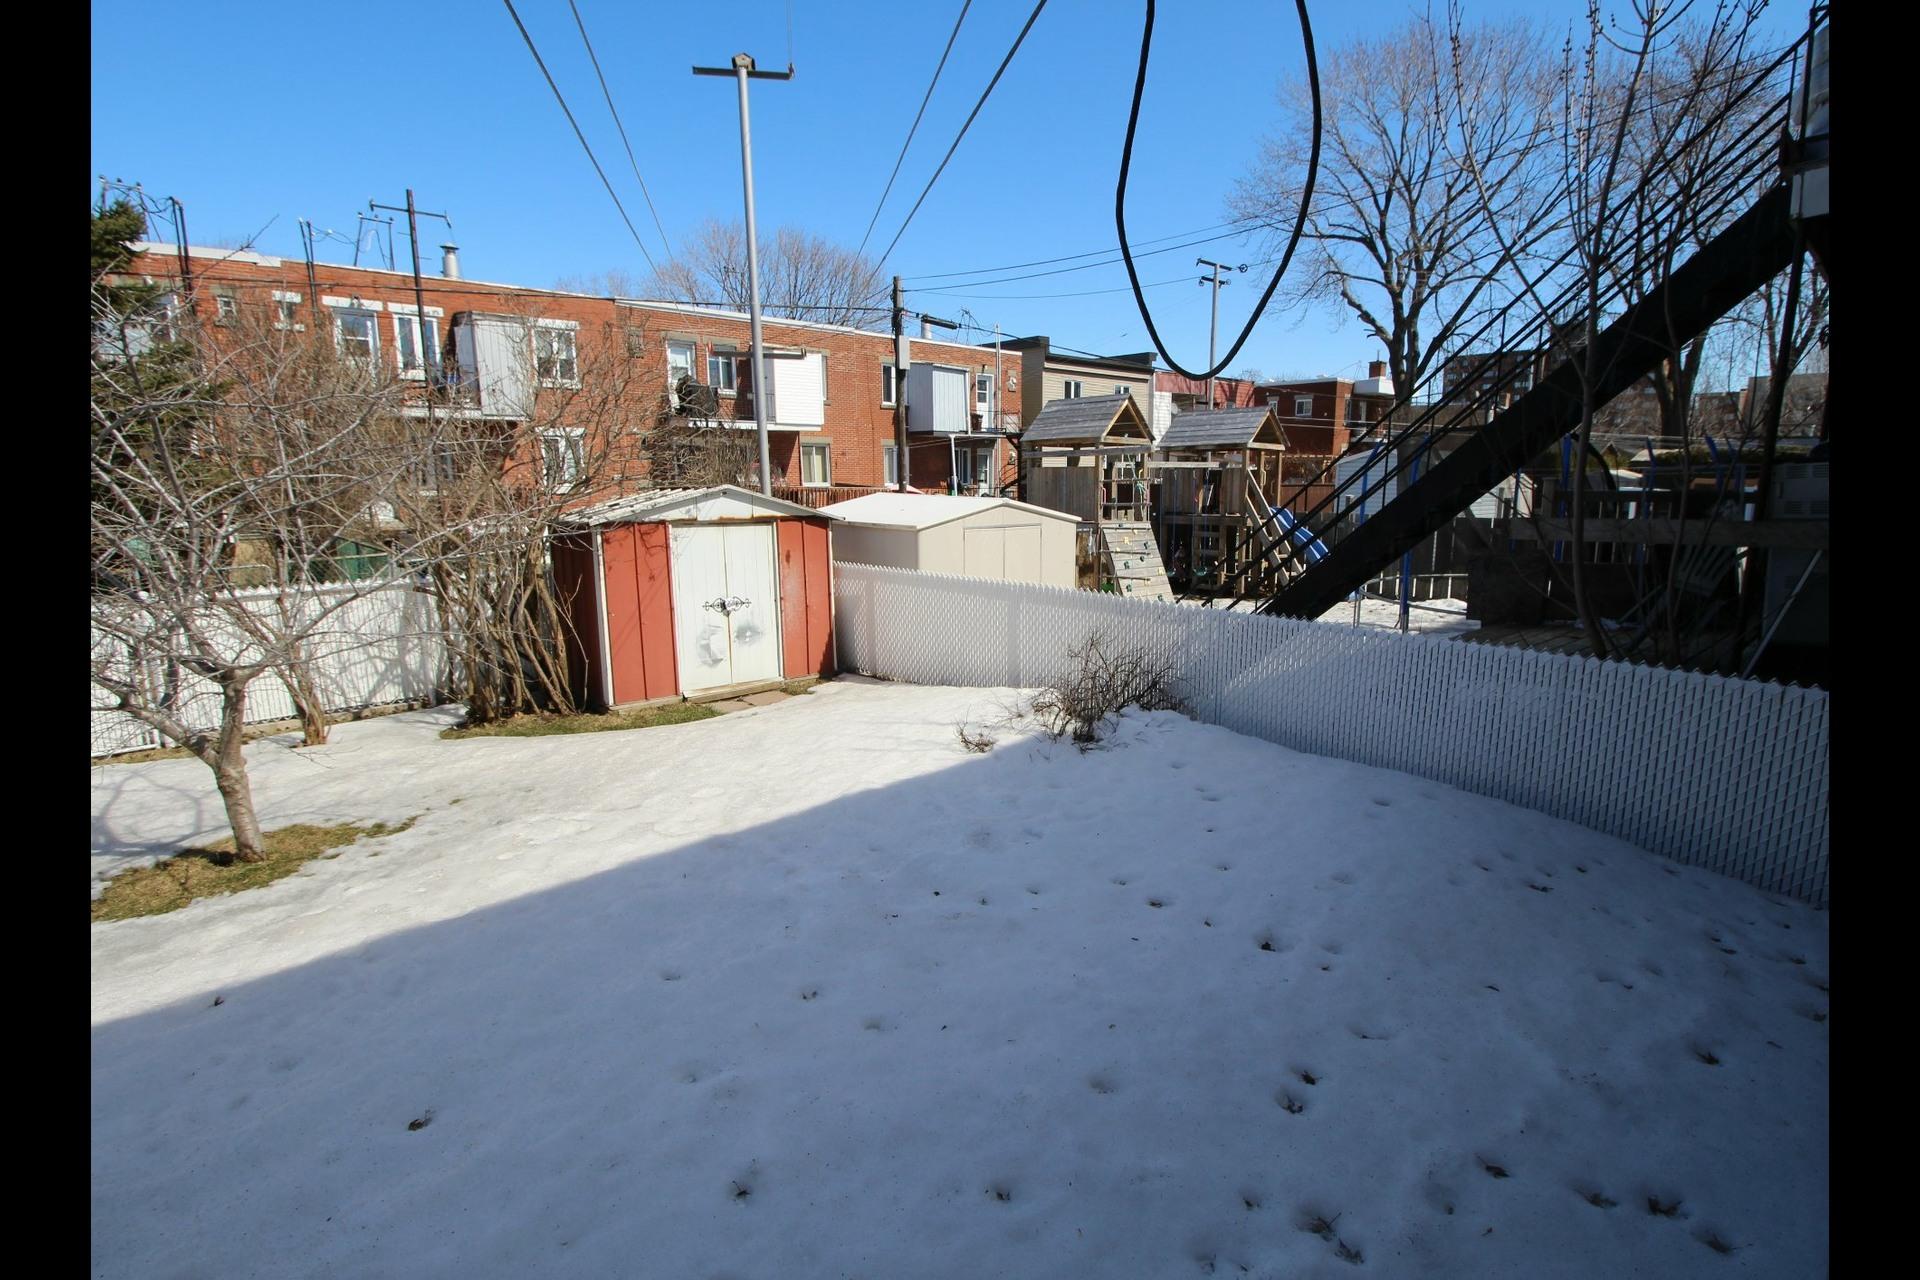 image 24 - Duplex For sale Montréal Rivière-des-Prairies/Pointe-aux-Trembles  - 6 rooms